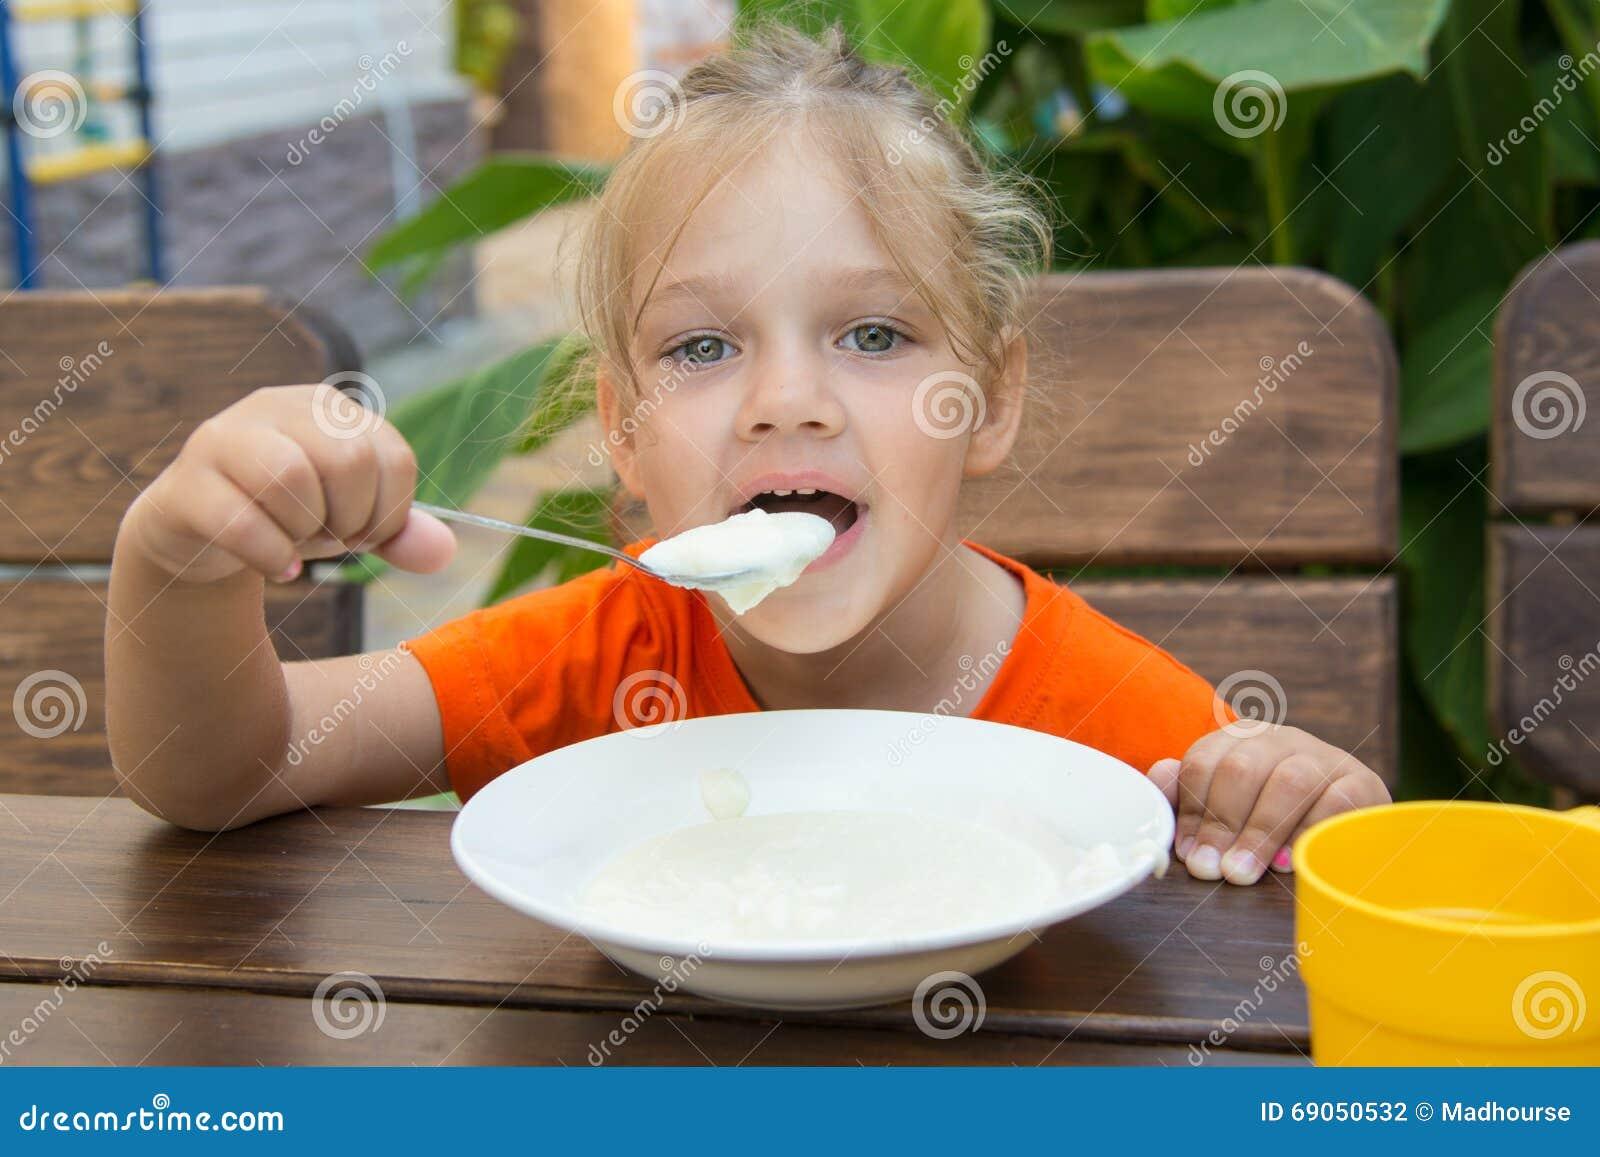 La fille de cinq ans drôle avec plaisir mange du gruau pour le petit déjeuner